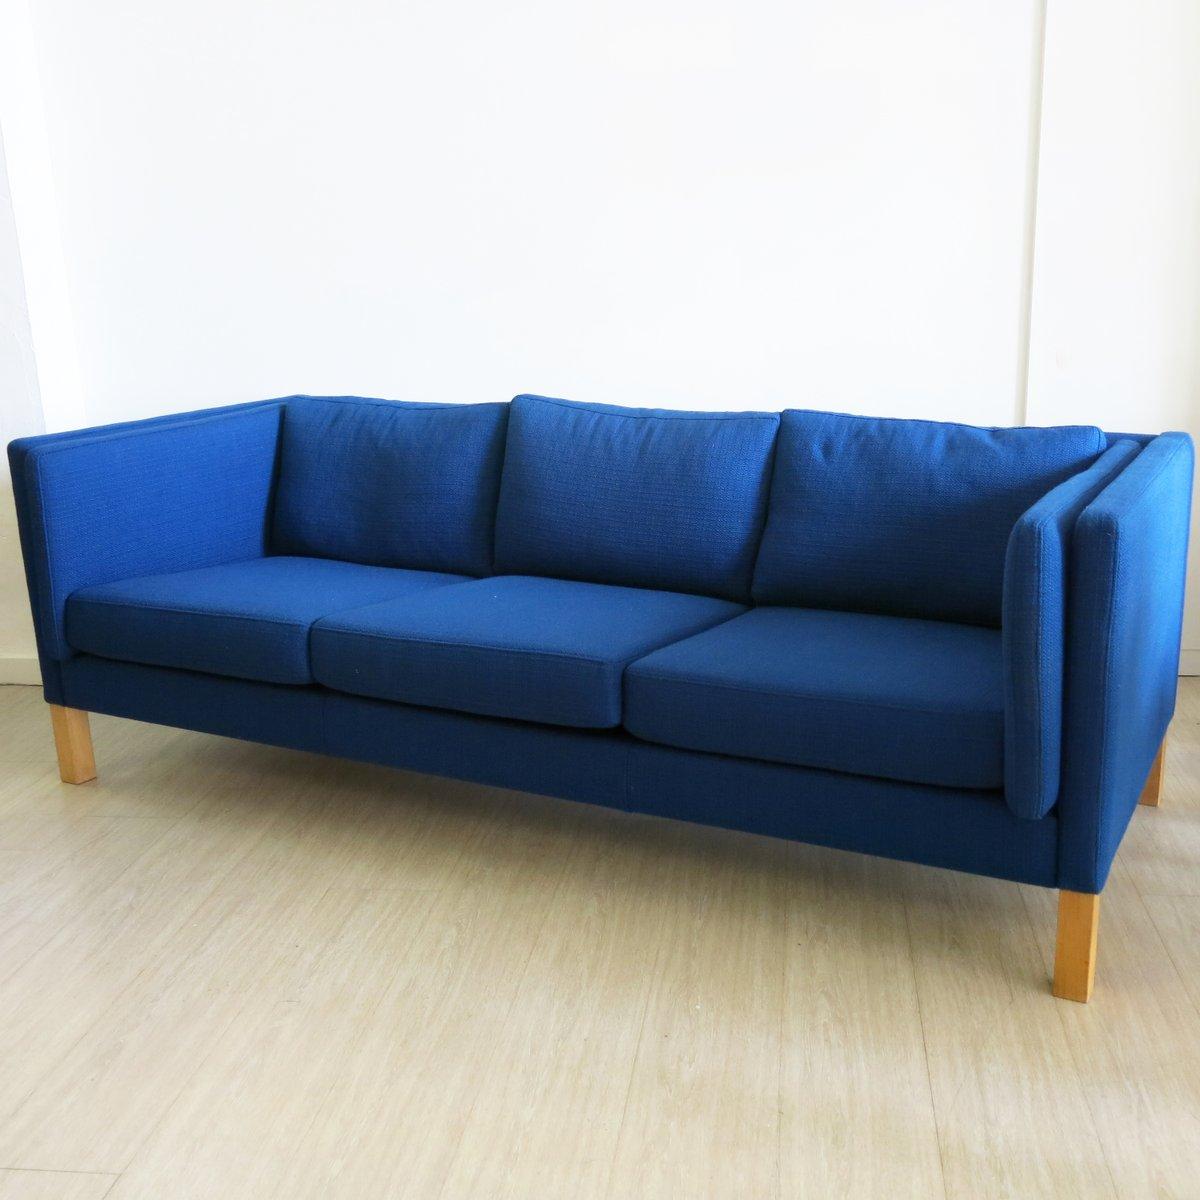 d nisches sofa von soren lund 1970er bei pamono kaufen. Black Bedroom Furniture Sets. Home Design Ideas